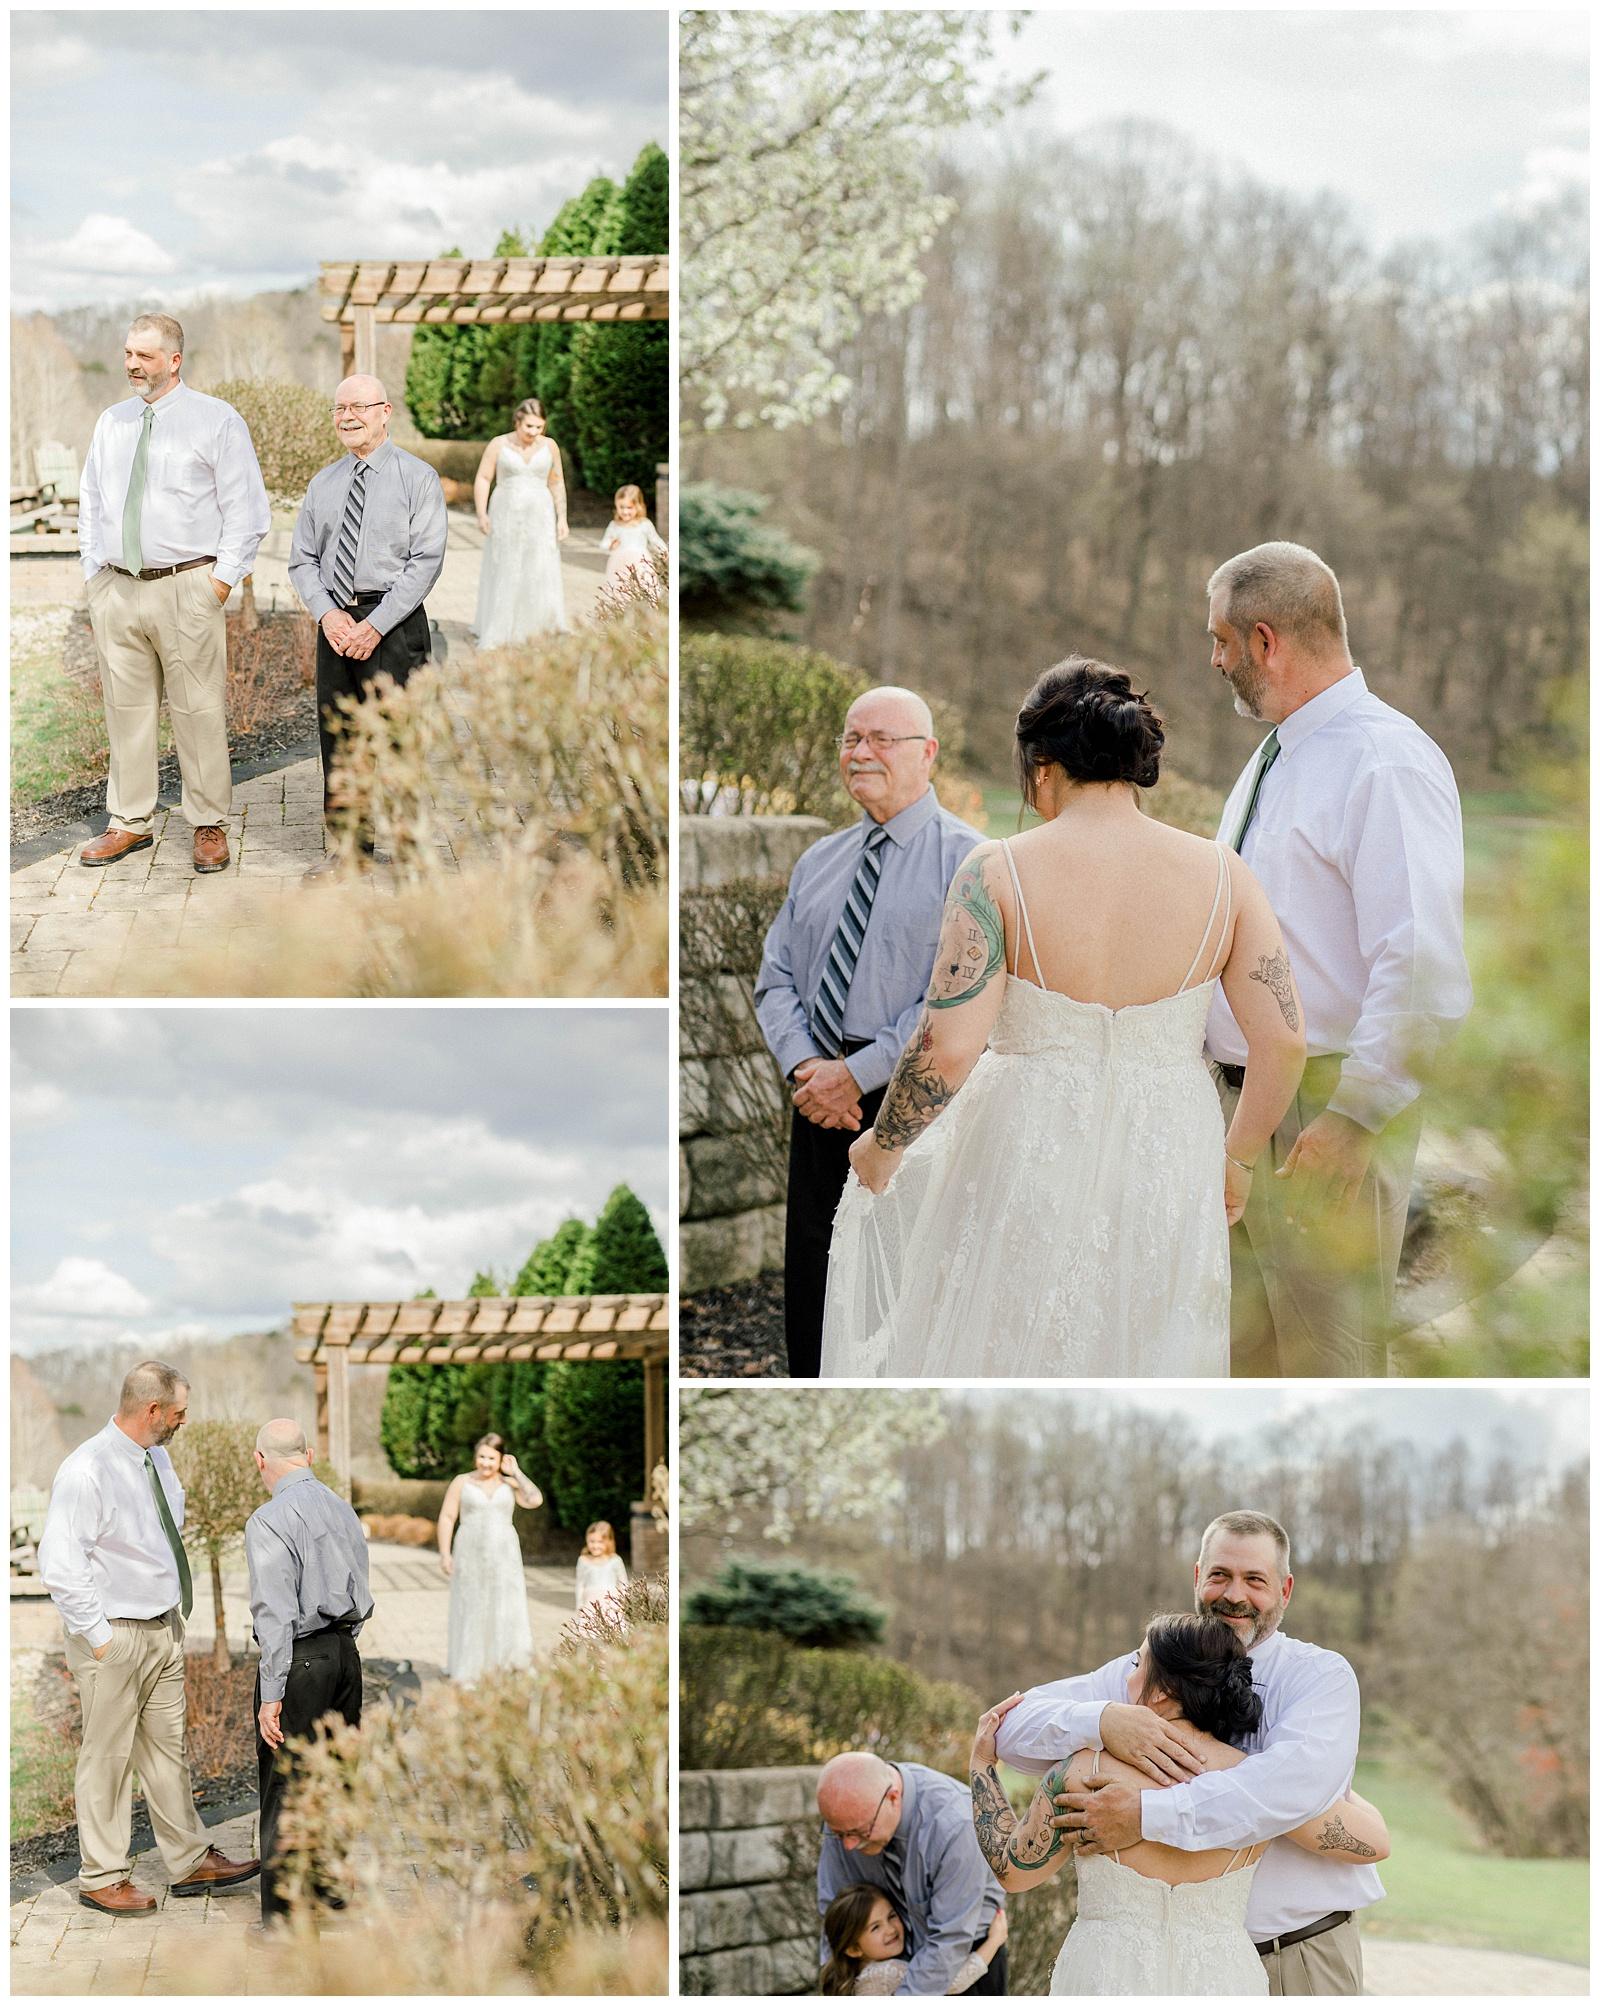 Lewis-Kara-Blakeman-Photography-Huntington-West-Virginia-Wedding-Barn-Olde-Homestead-19